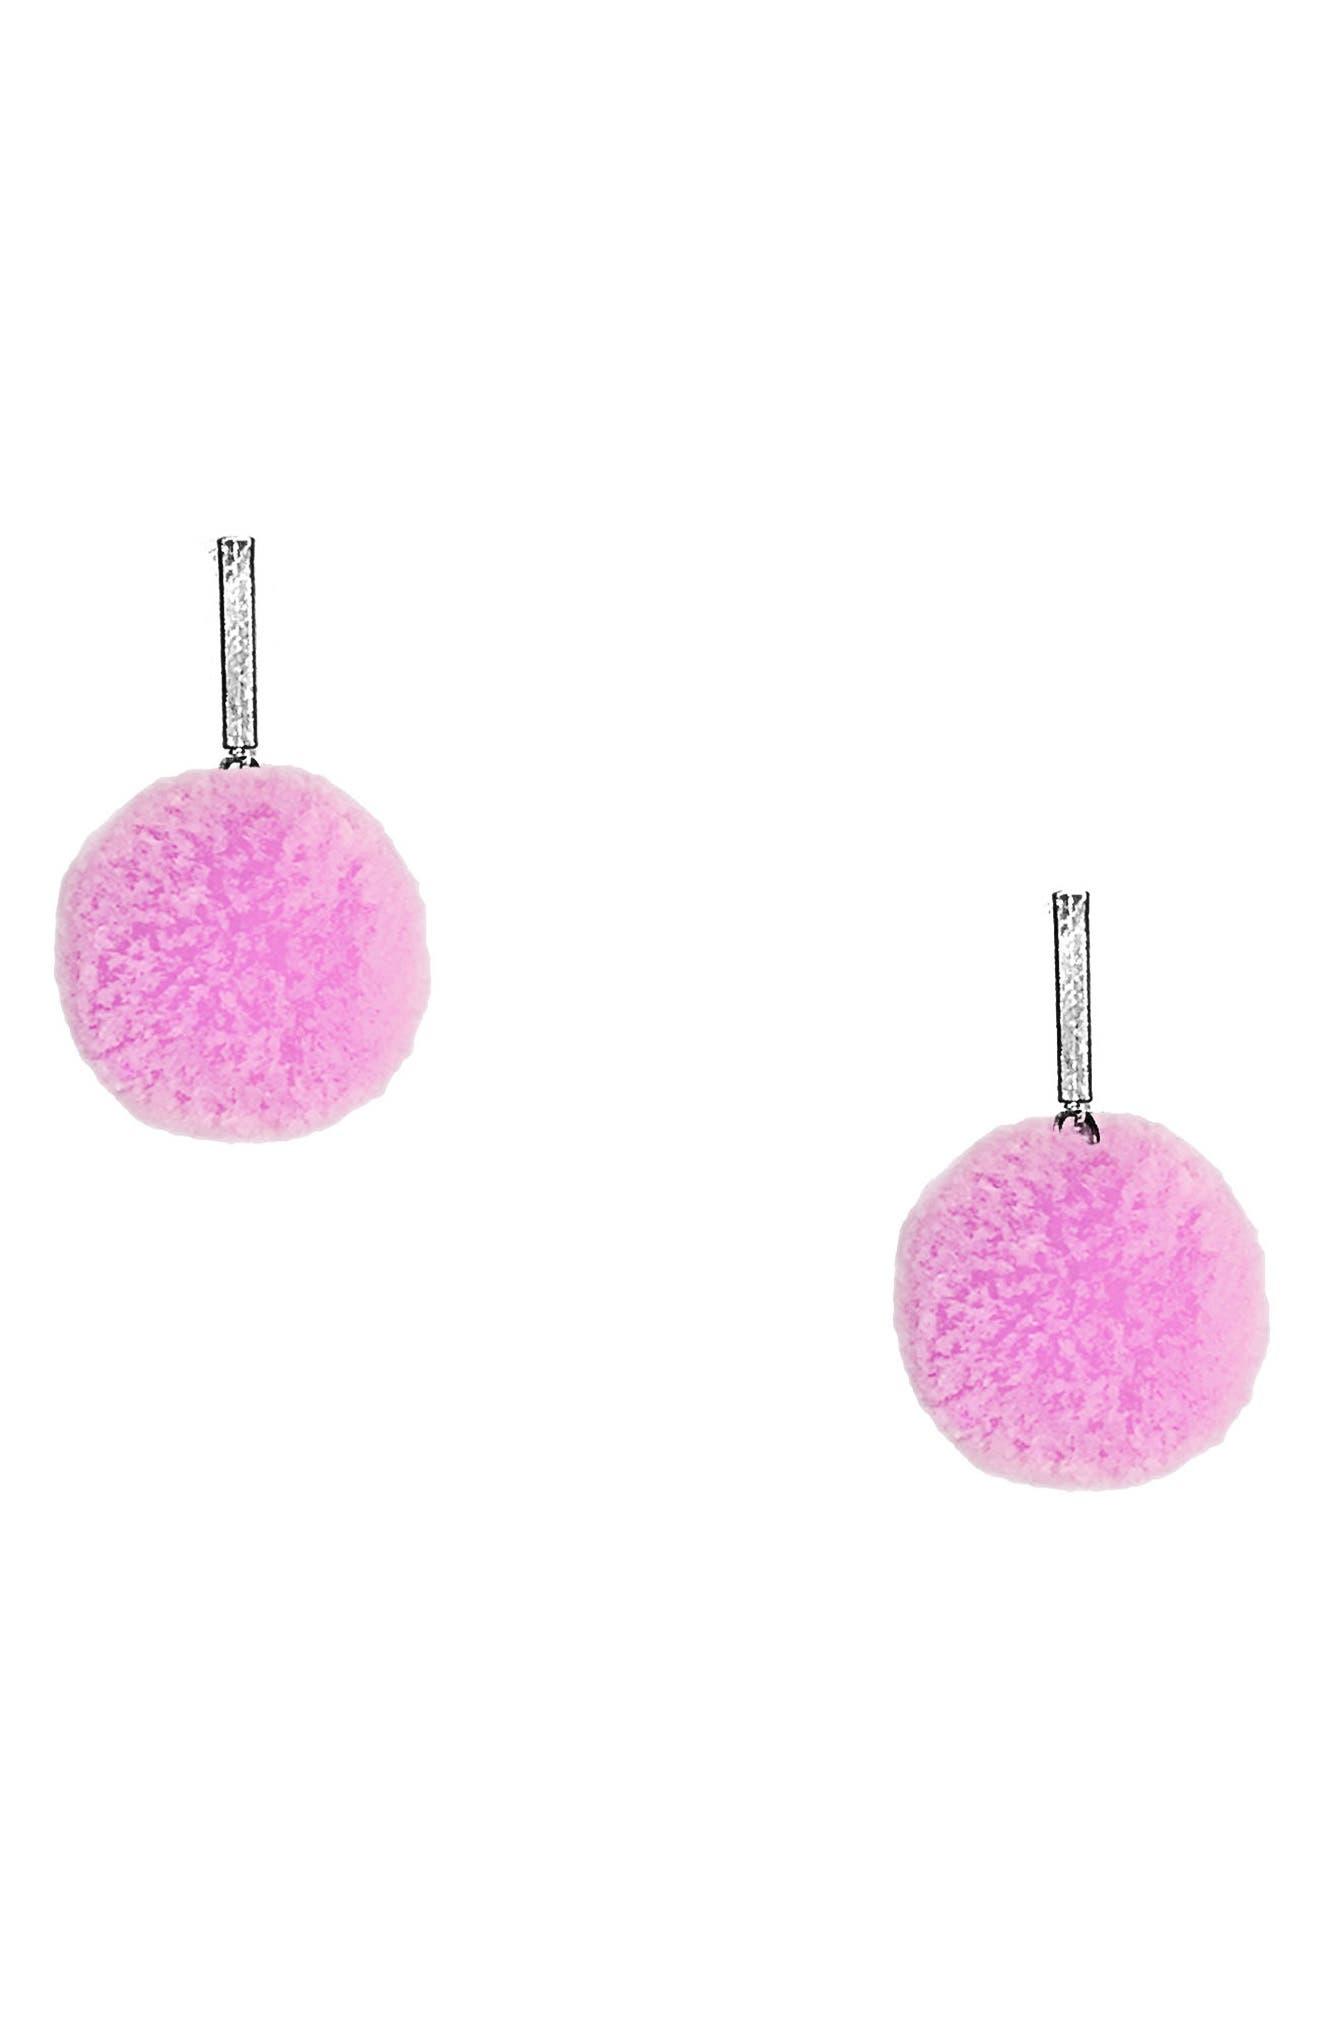 Velvet Pompom Stud Earrings,                             Main thumbnail 1, color,                             Silver/ Light Pink